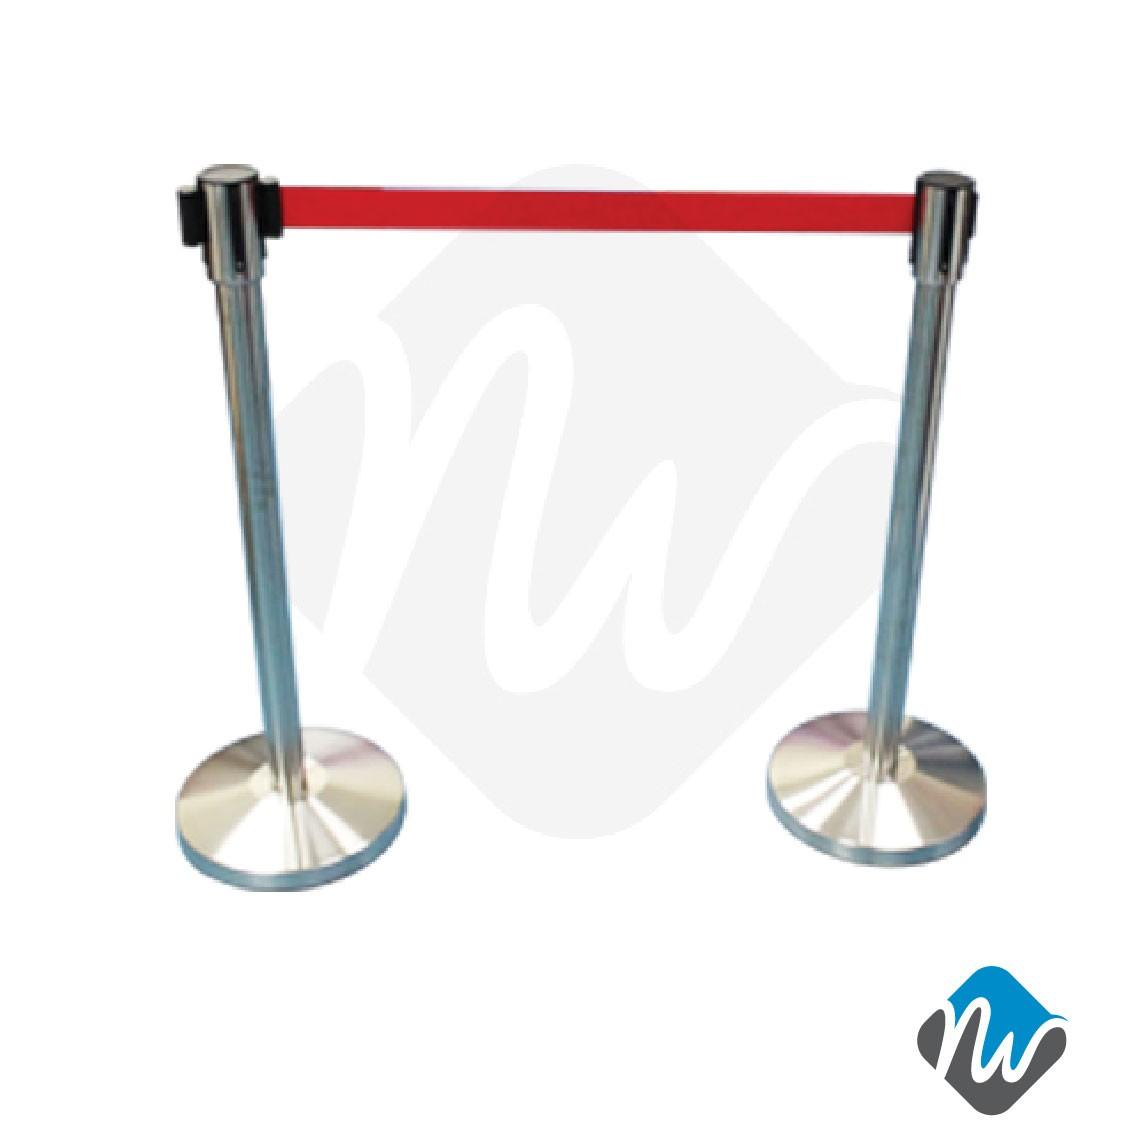 Retractable Queue Poles (Purchase)